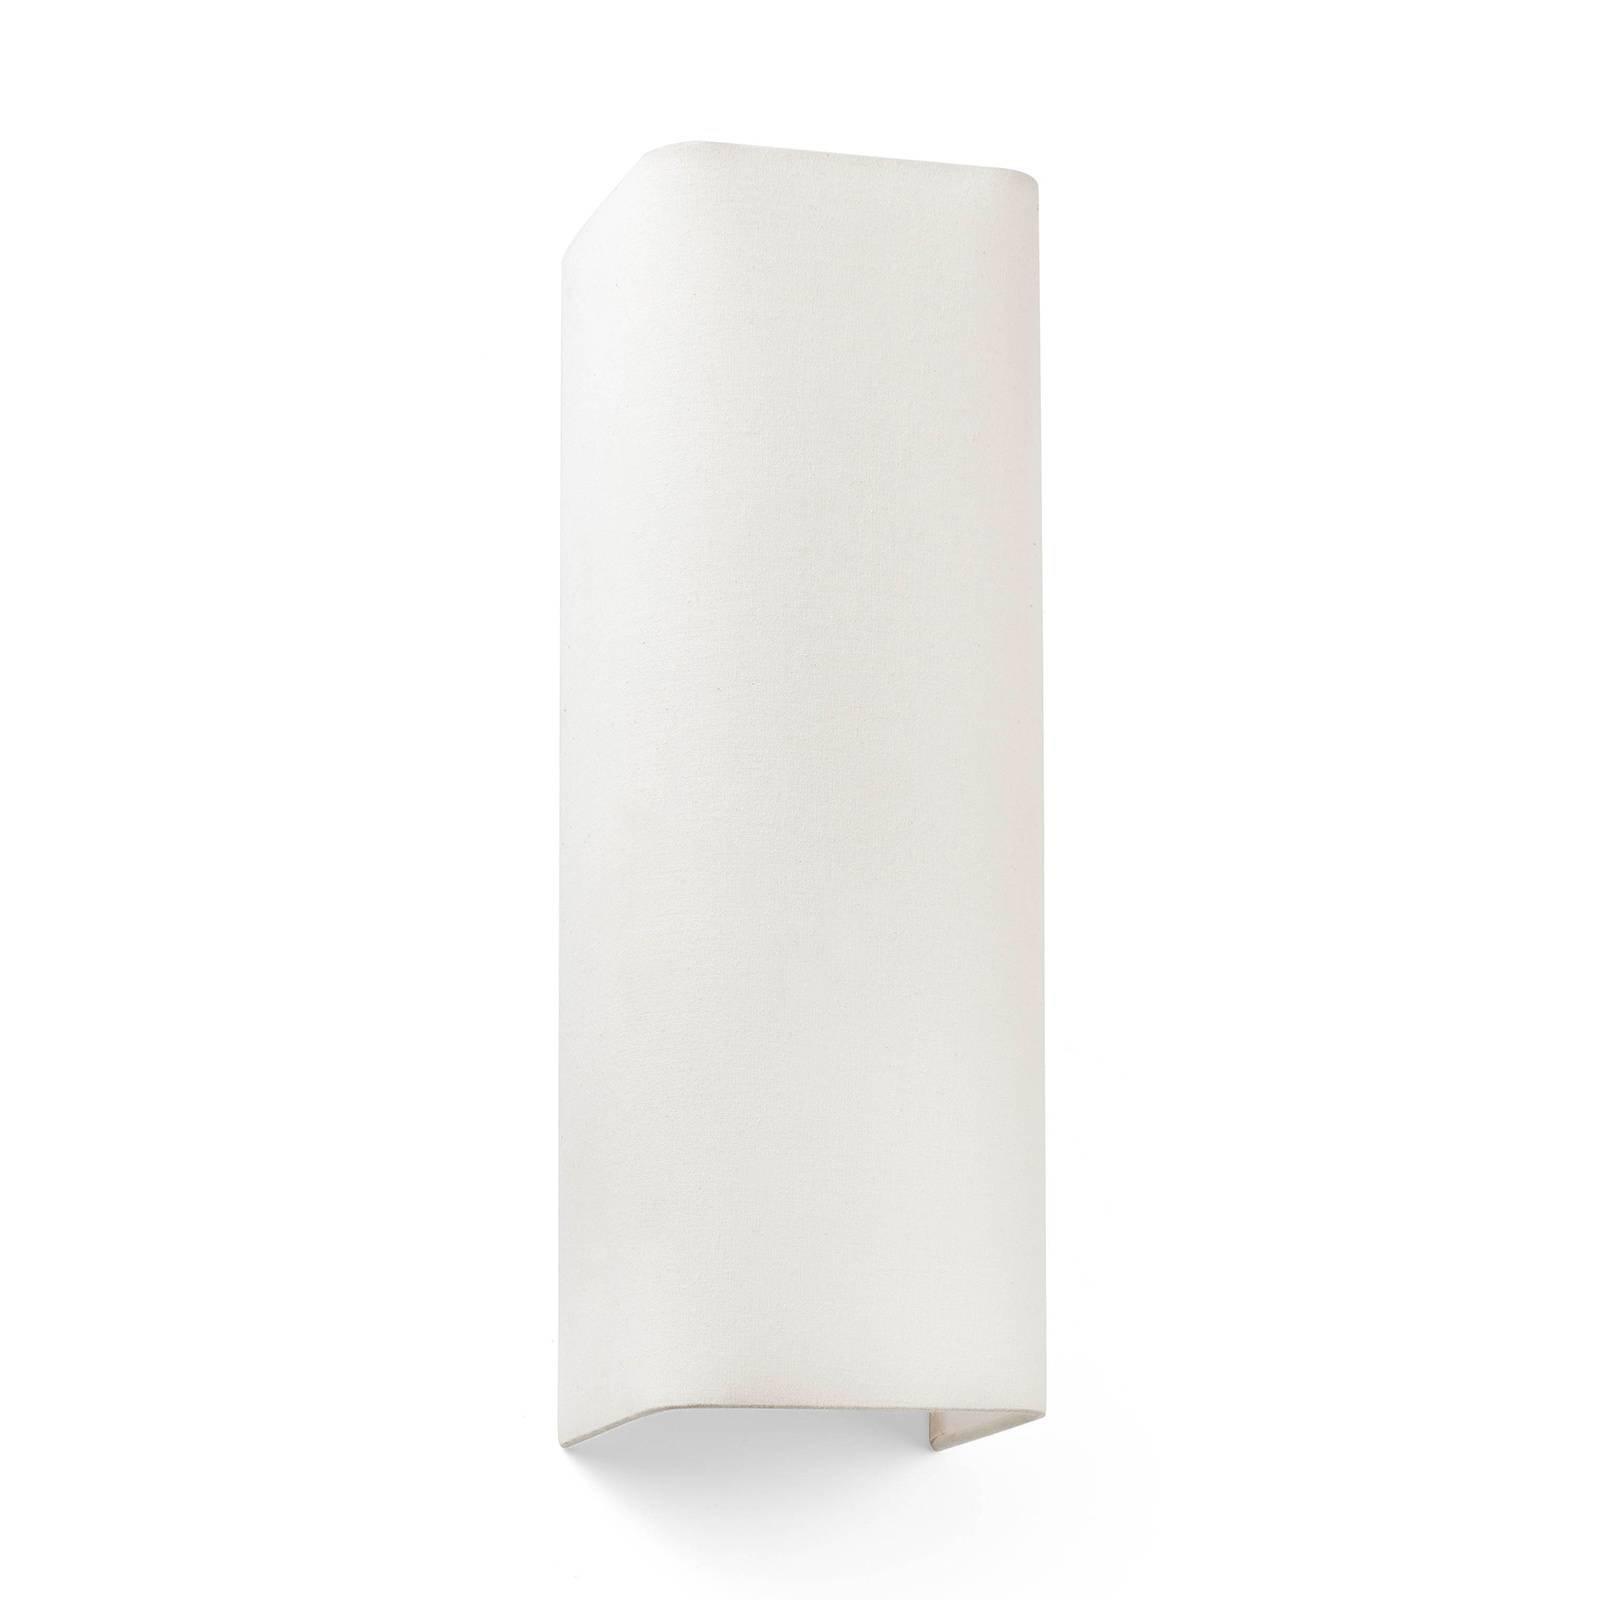 Vegglampe Cotton, kantet, 37 x 12 cm, beige